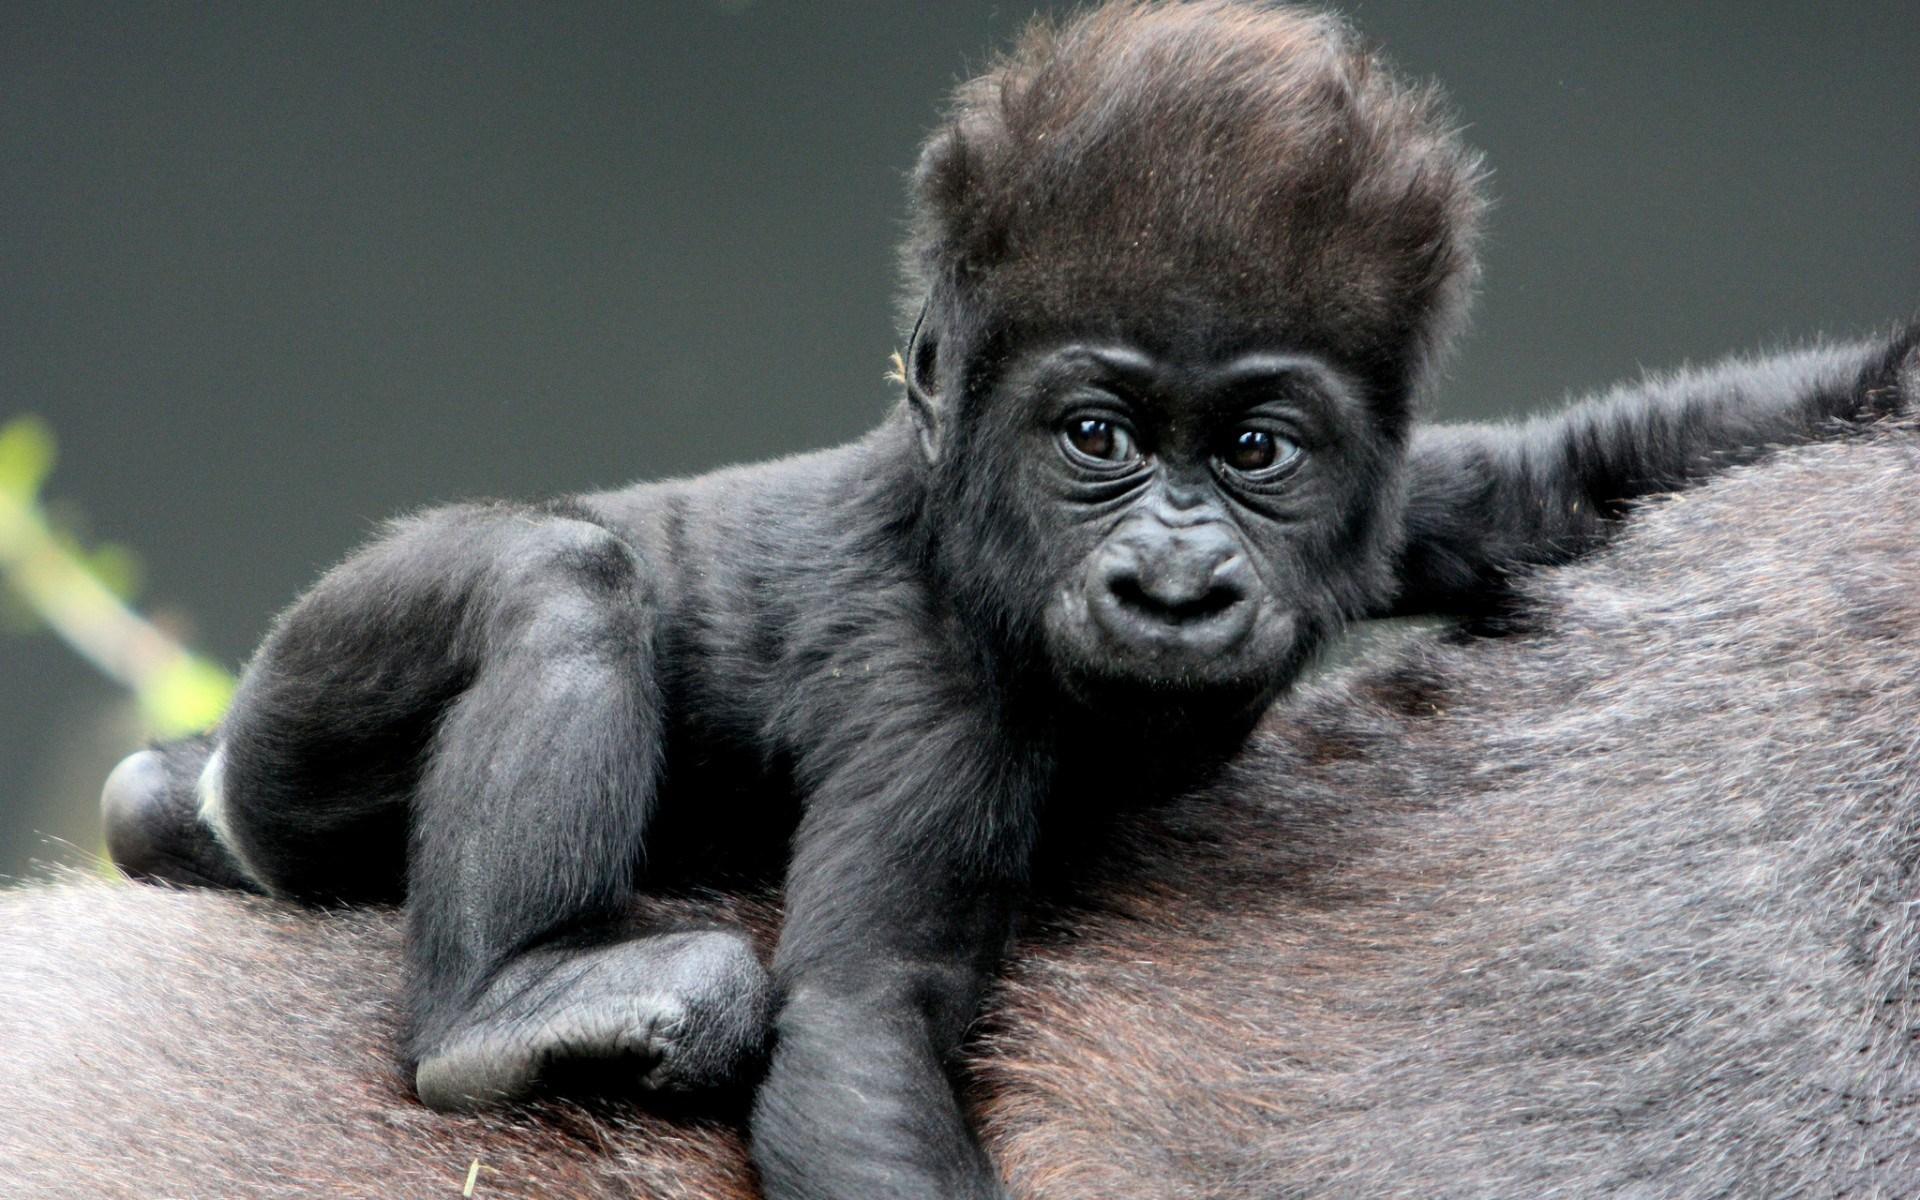 gorilla pc spiele